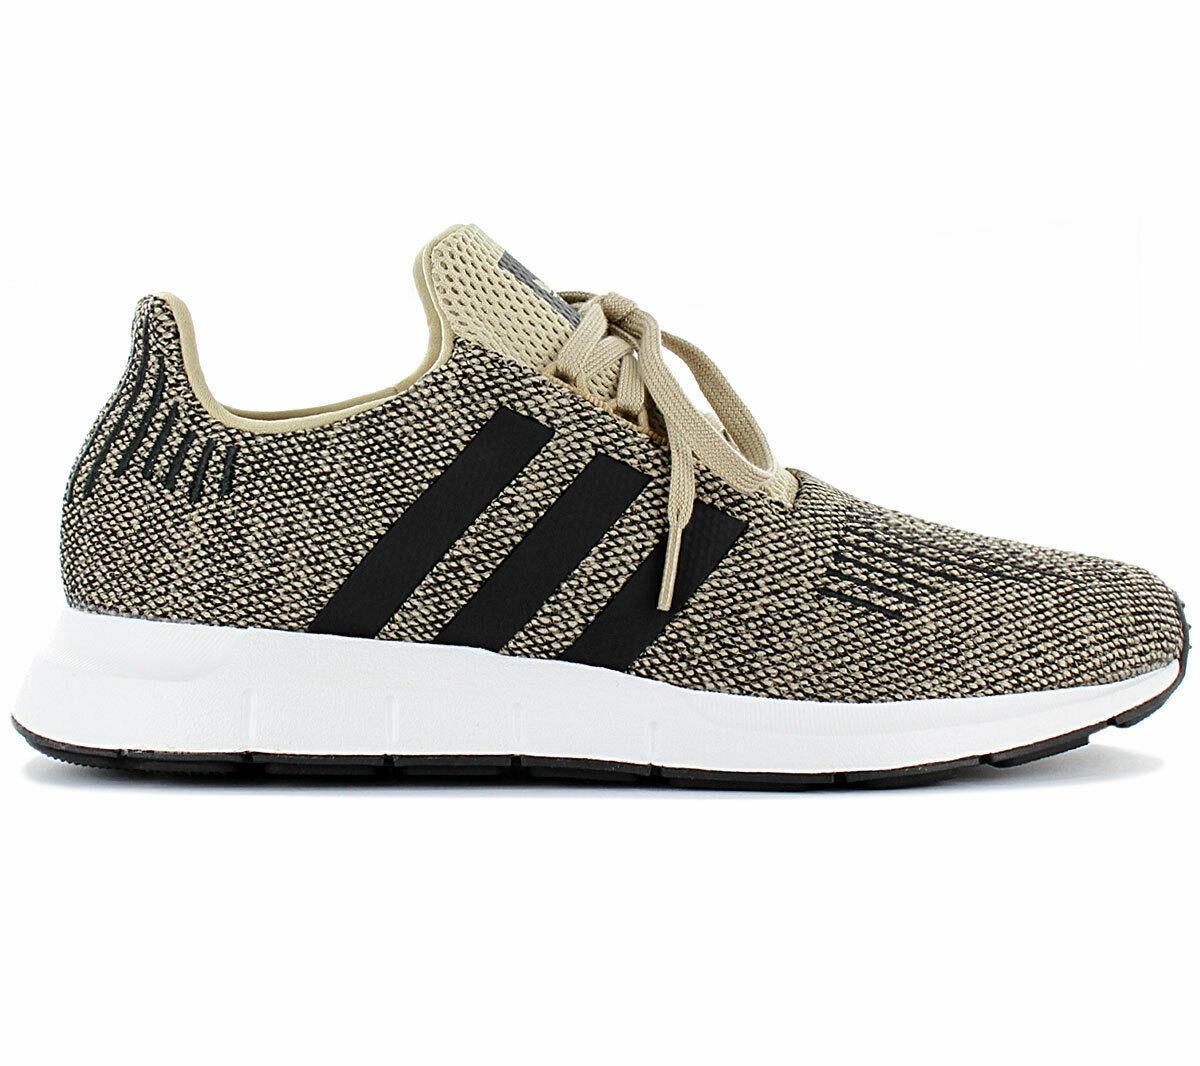 adidas Originals Swift Run Turnschuhe Schuhe Turnschuhe CQ2117 Sportschuhe NEU